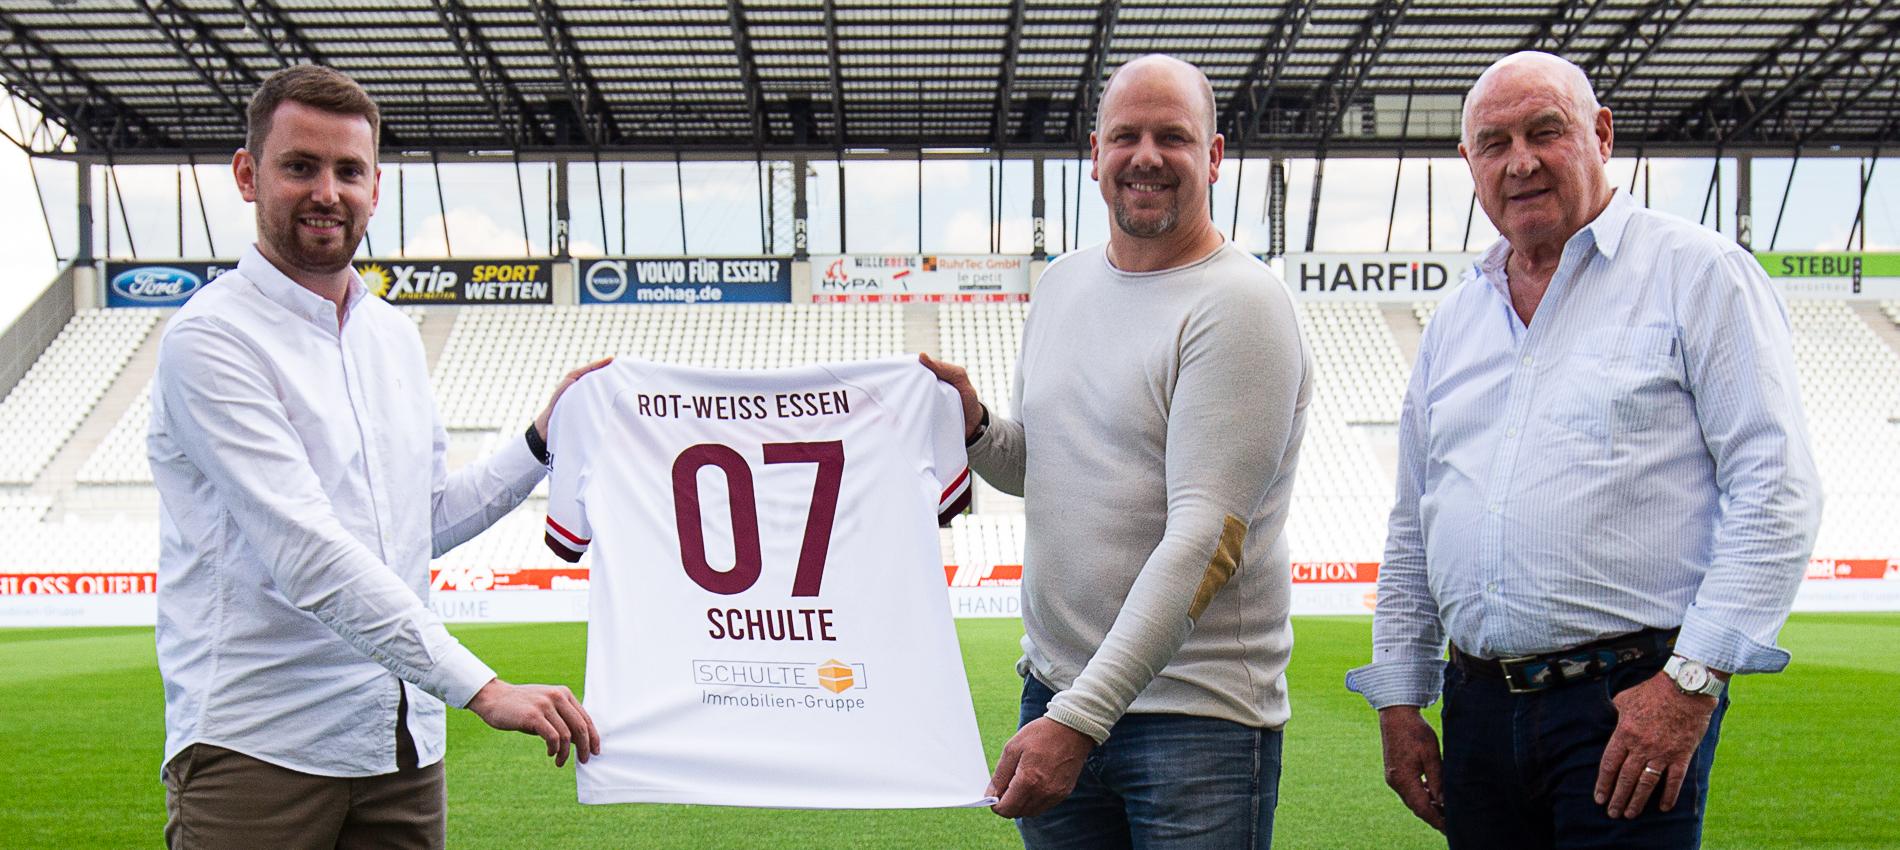 RWE-Vertriebsleiter Daniel Elzer (l.) mit den Schulte Immobilien-Gesellschaftern Lars (mi.) und Wolfgang Schulte (r.).